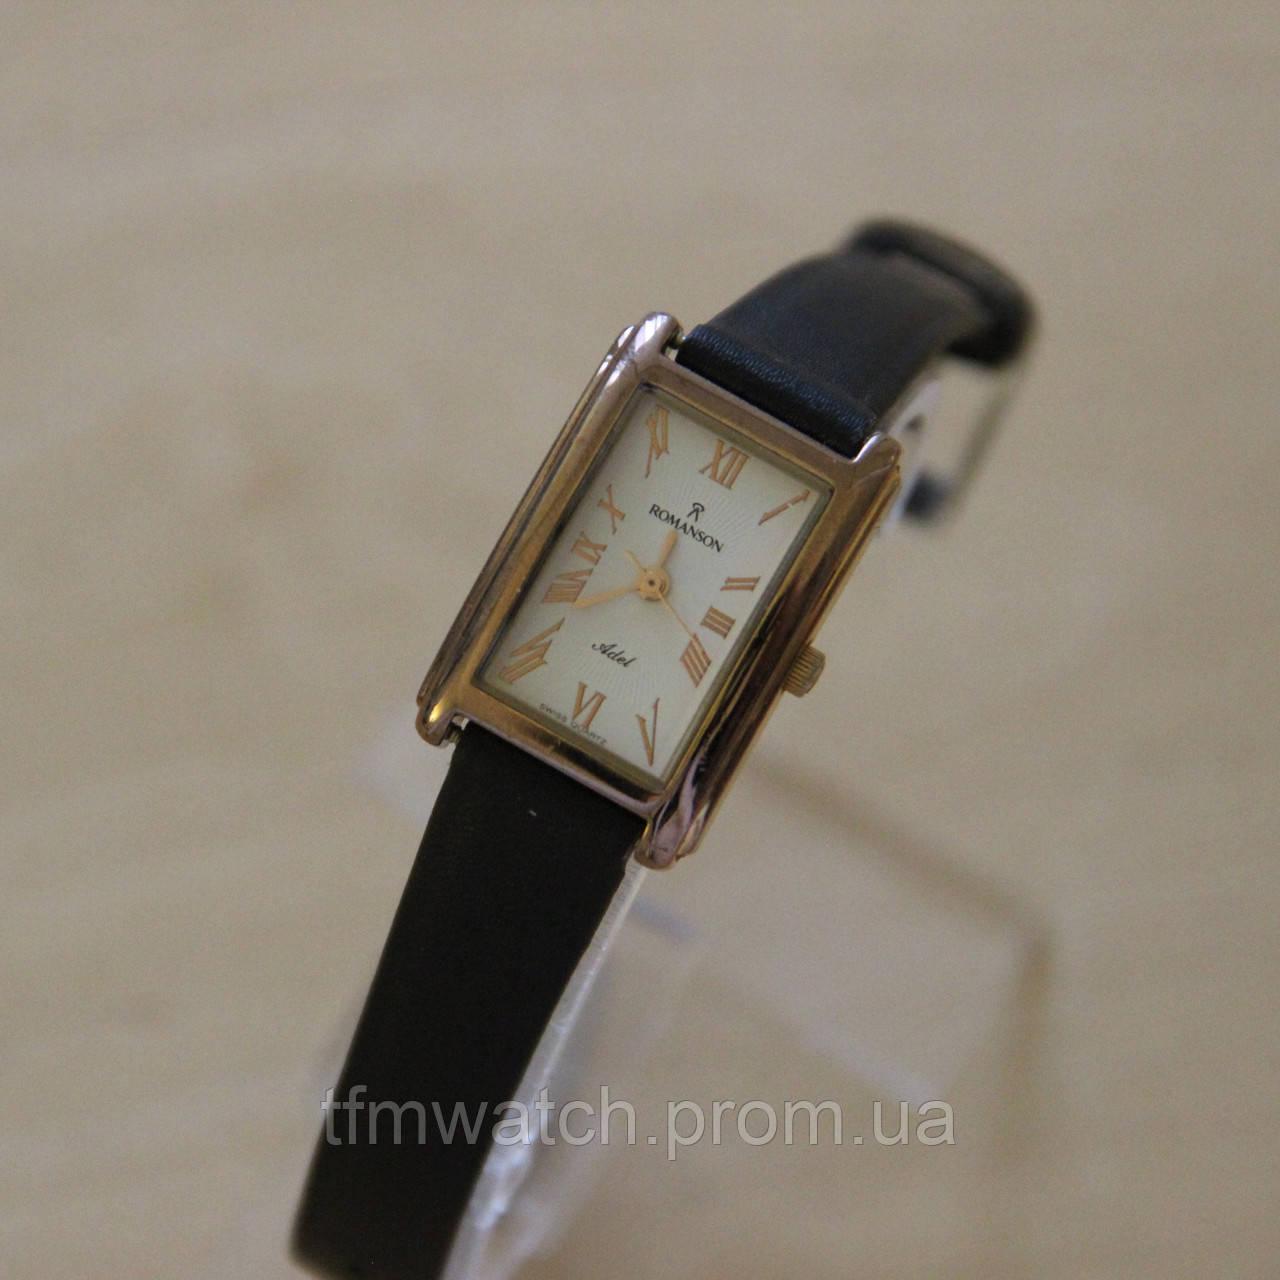 Романсон продать часы часы ссср скупка позолоченные